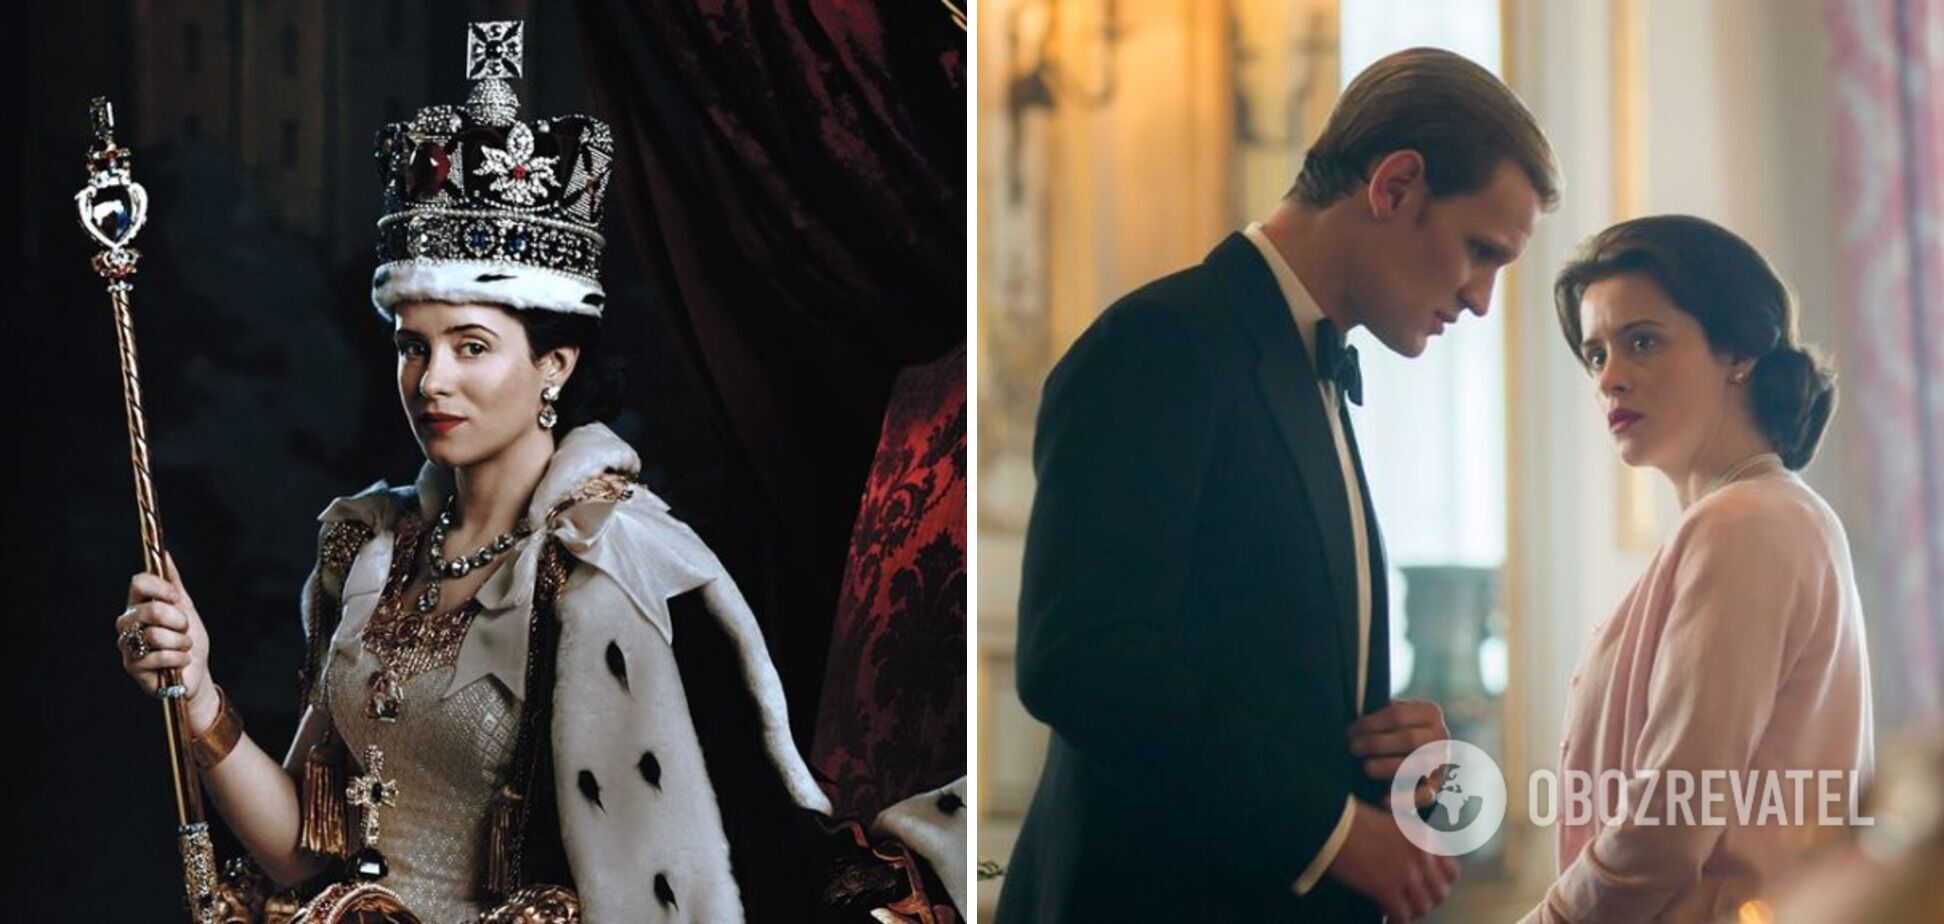 У 2 сезоні Єлизавета II намагається зберегти монархію